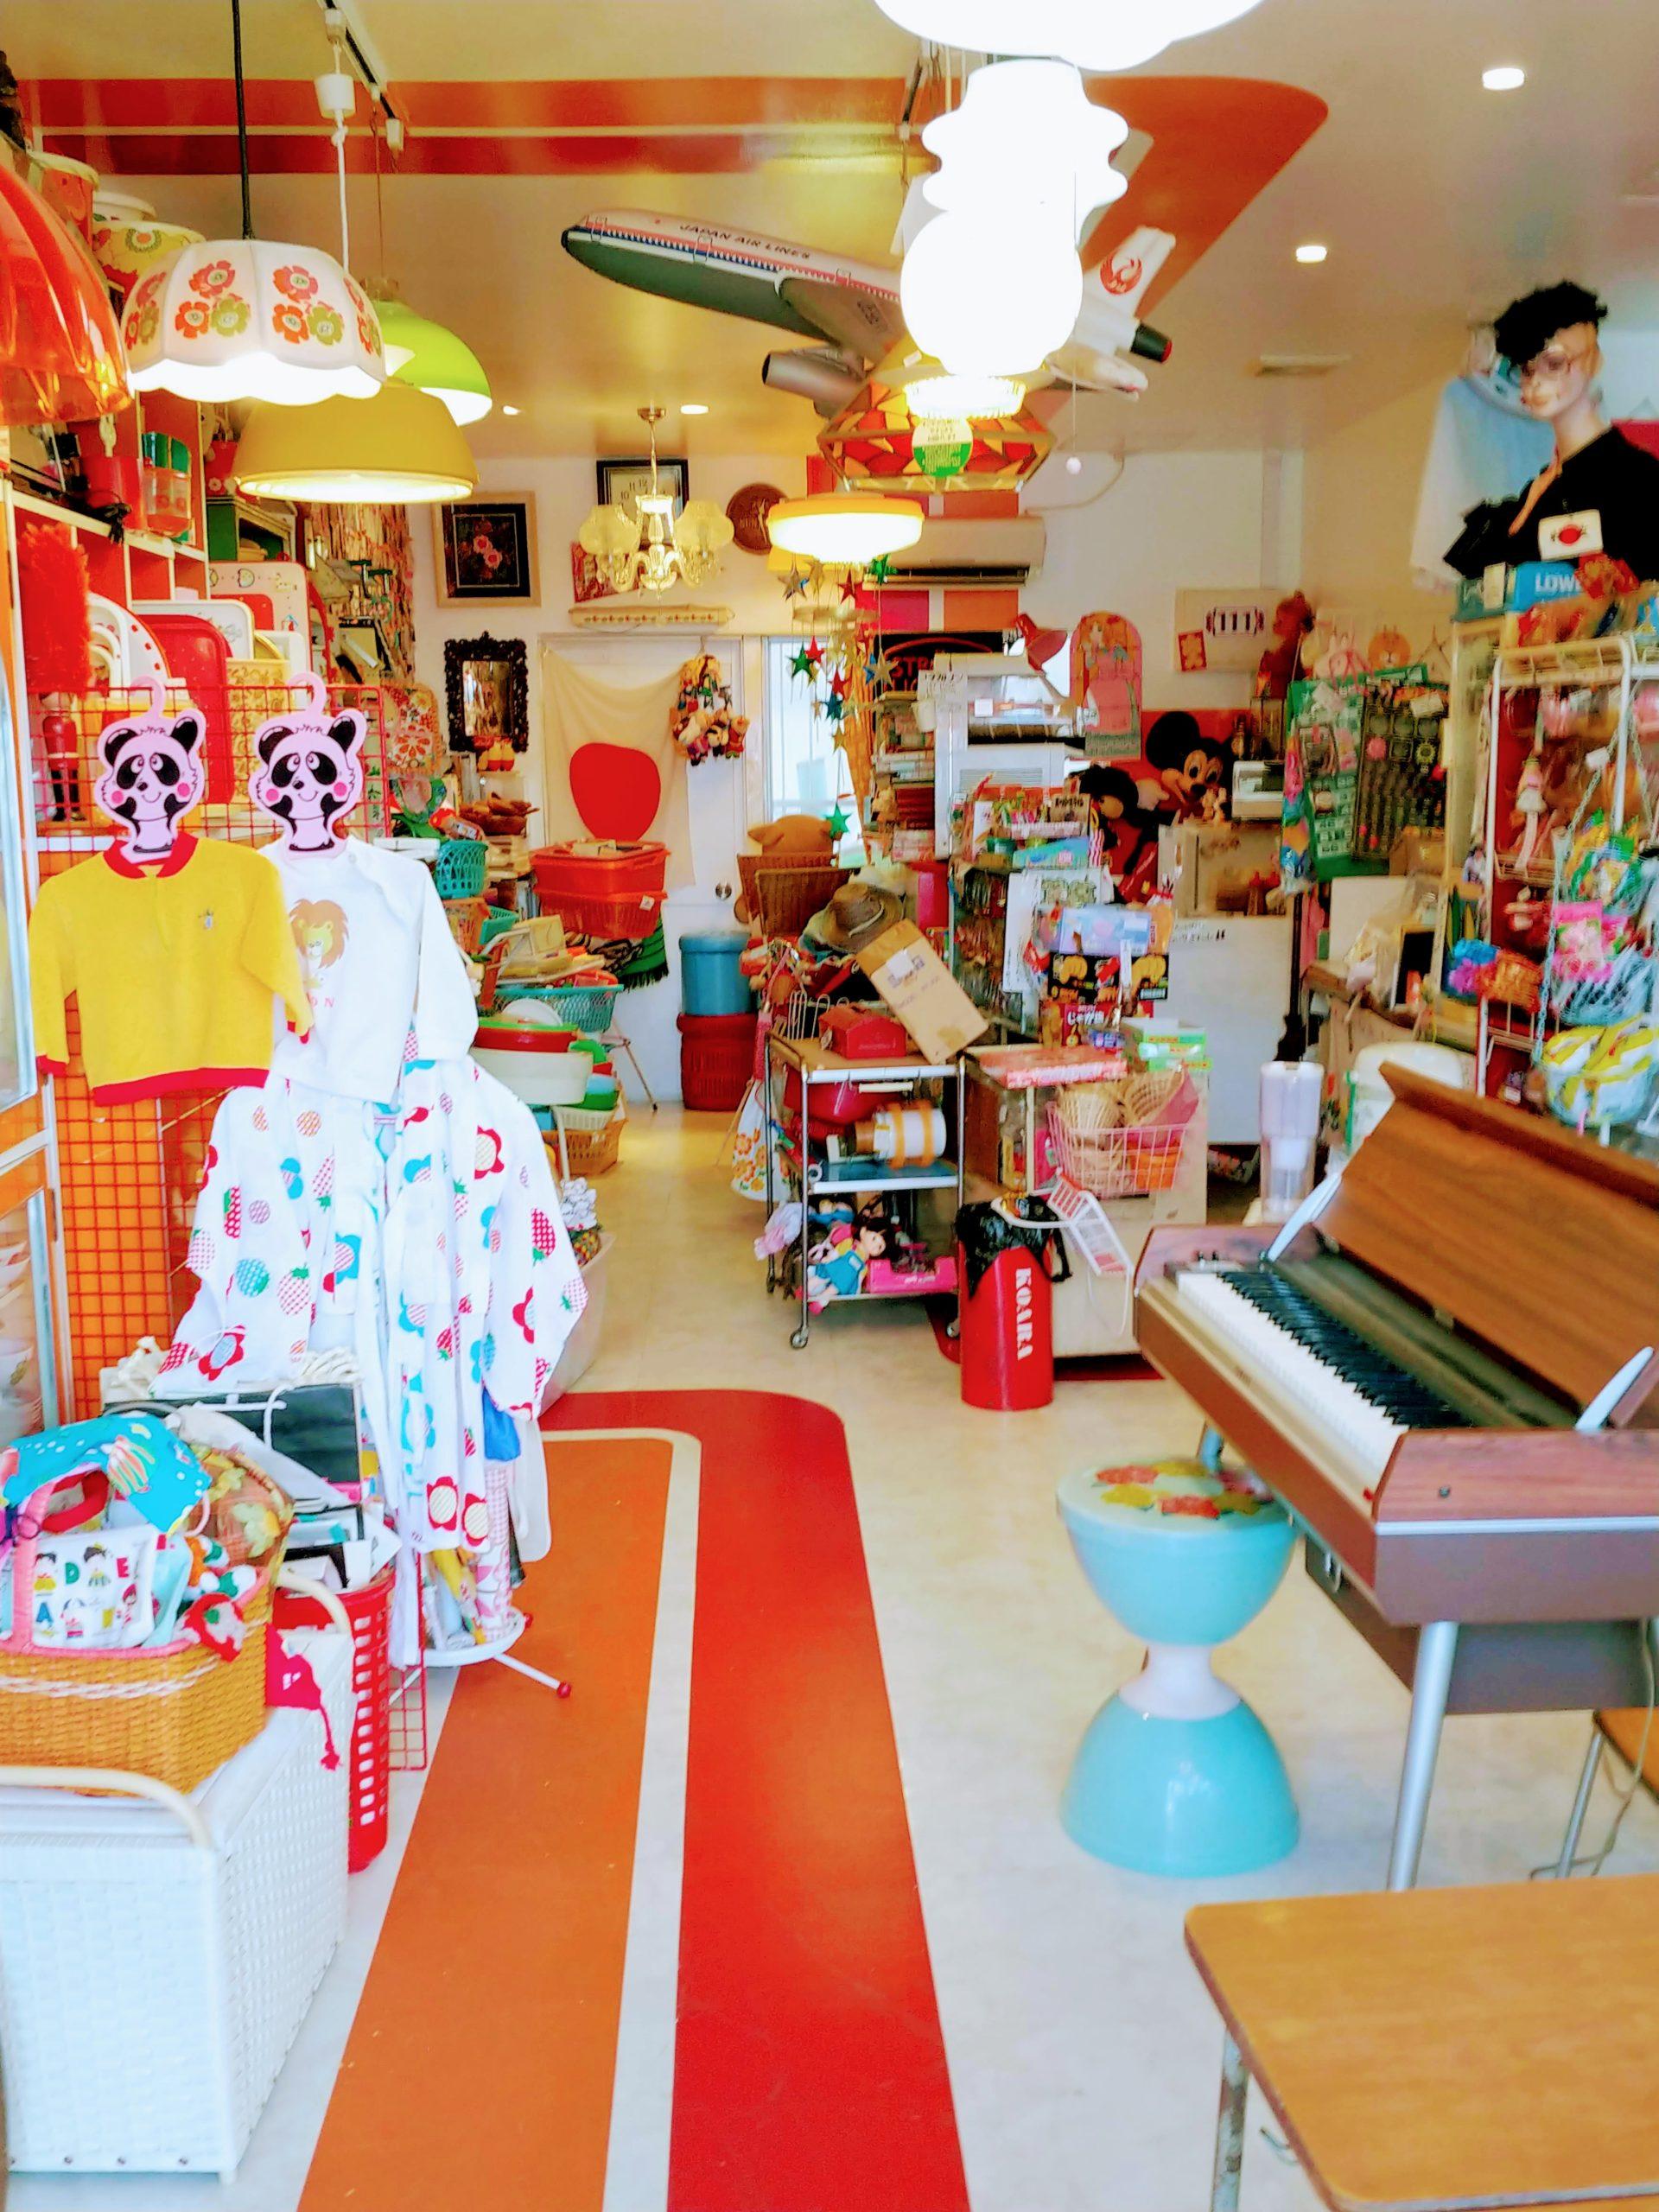 福岡市東区にあるカラフルでポップな昭和レトロ可愛い雑貨屋、青空人間